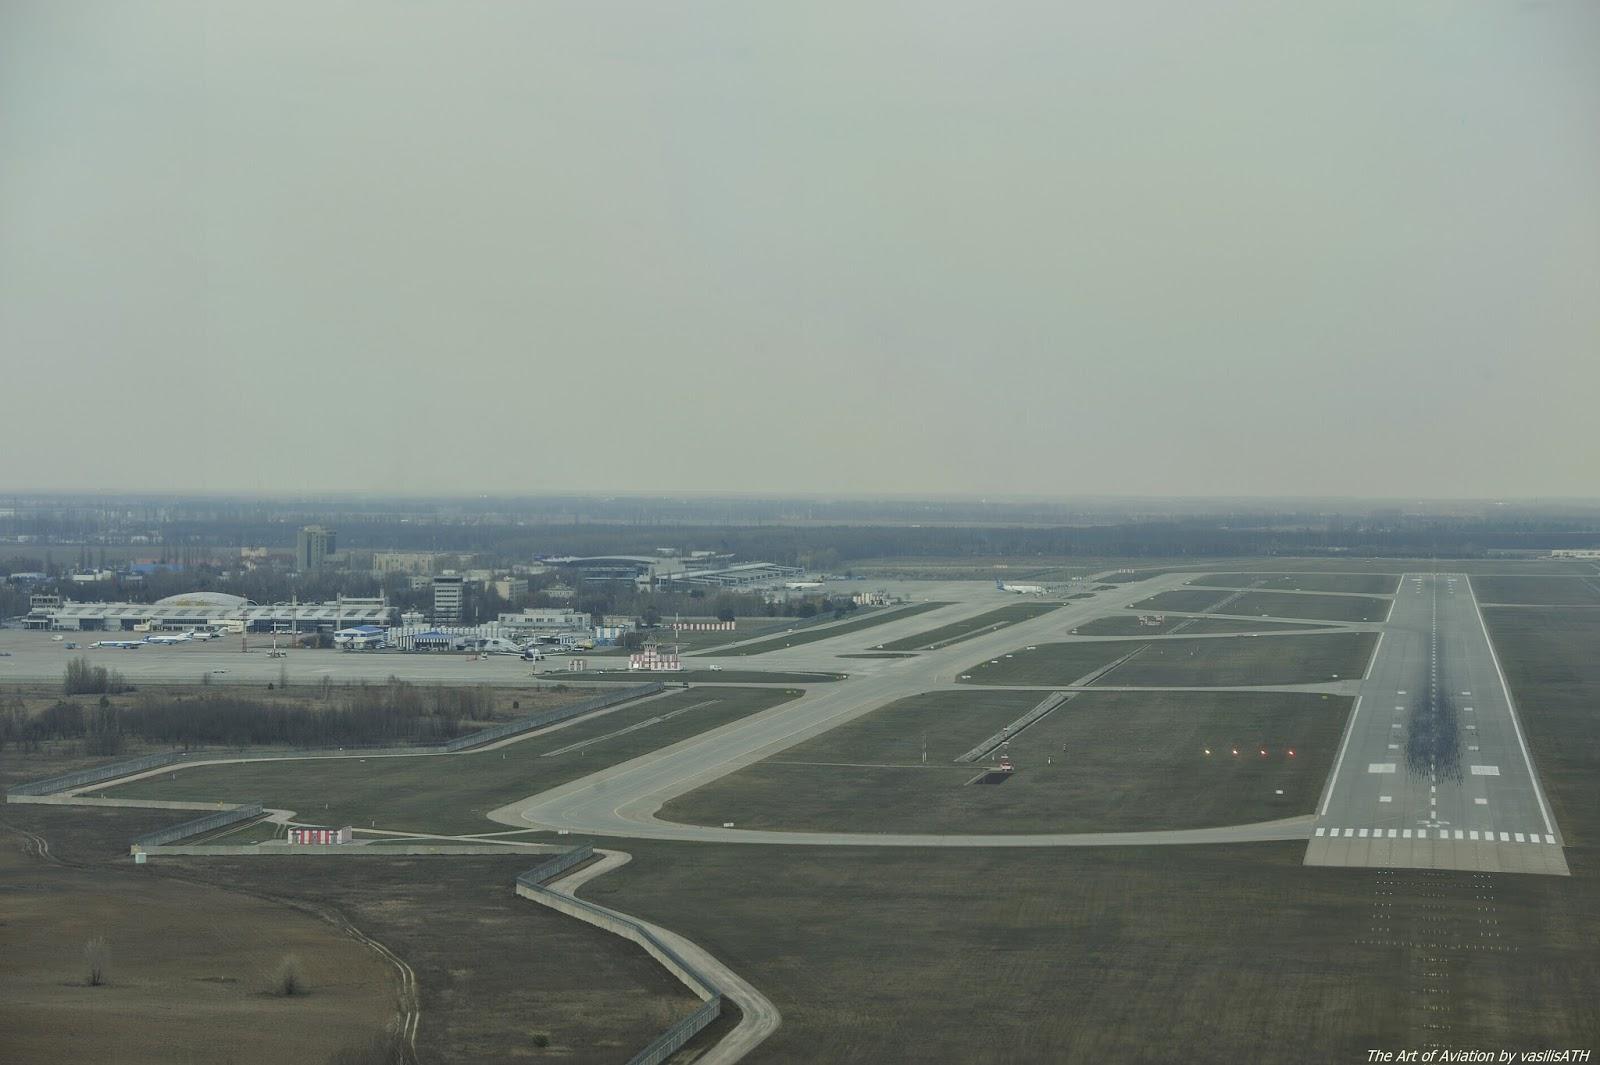 Aeroporto Kiev : Kiev boryspil international airport ukrainian Міжнародний